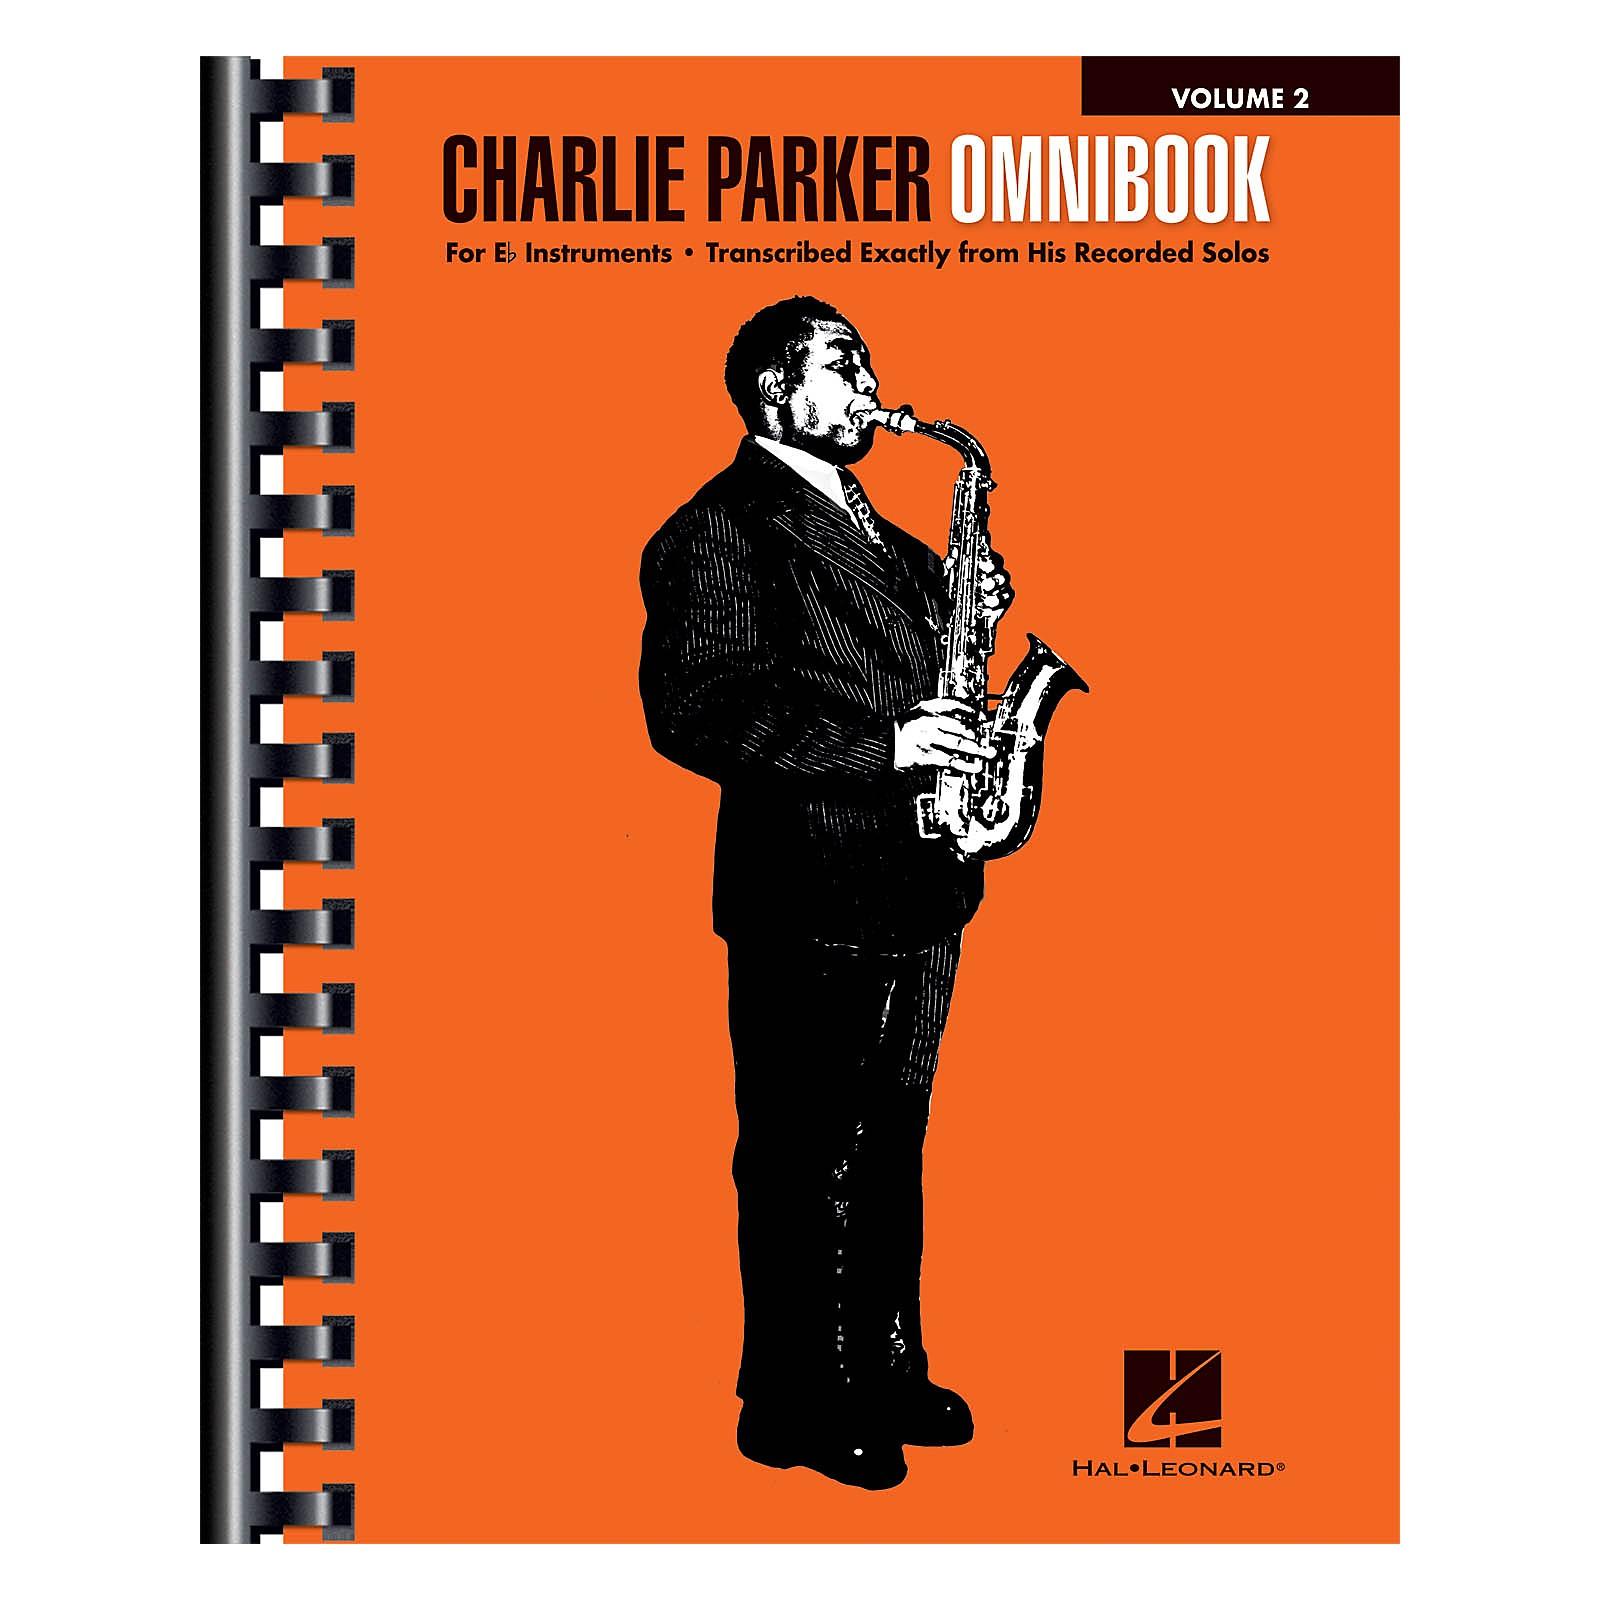 Hal Leonard Charlie Parker Omnibook - Volume 2 For E-flat Instruments